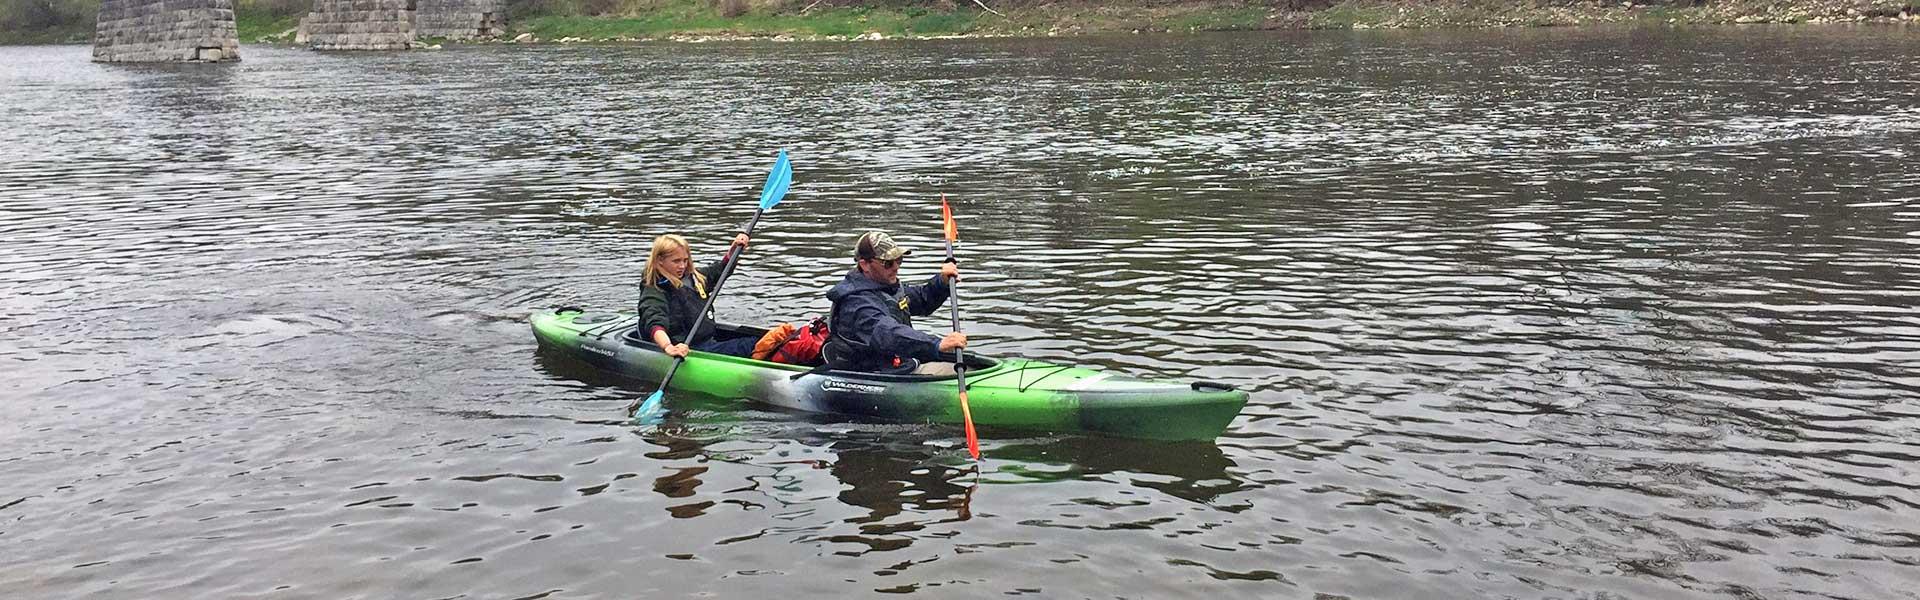 Grand River Tandem Kayak Trip at the Three Sisters